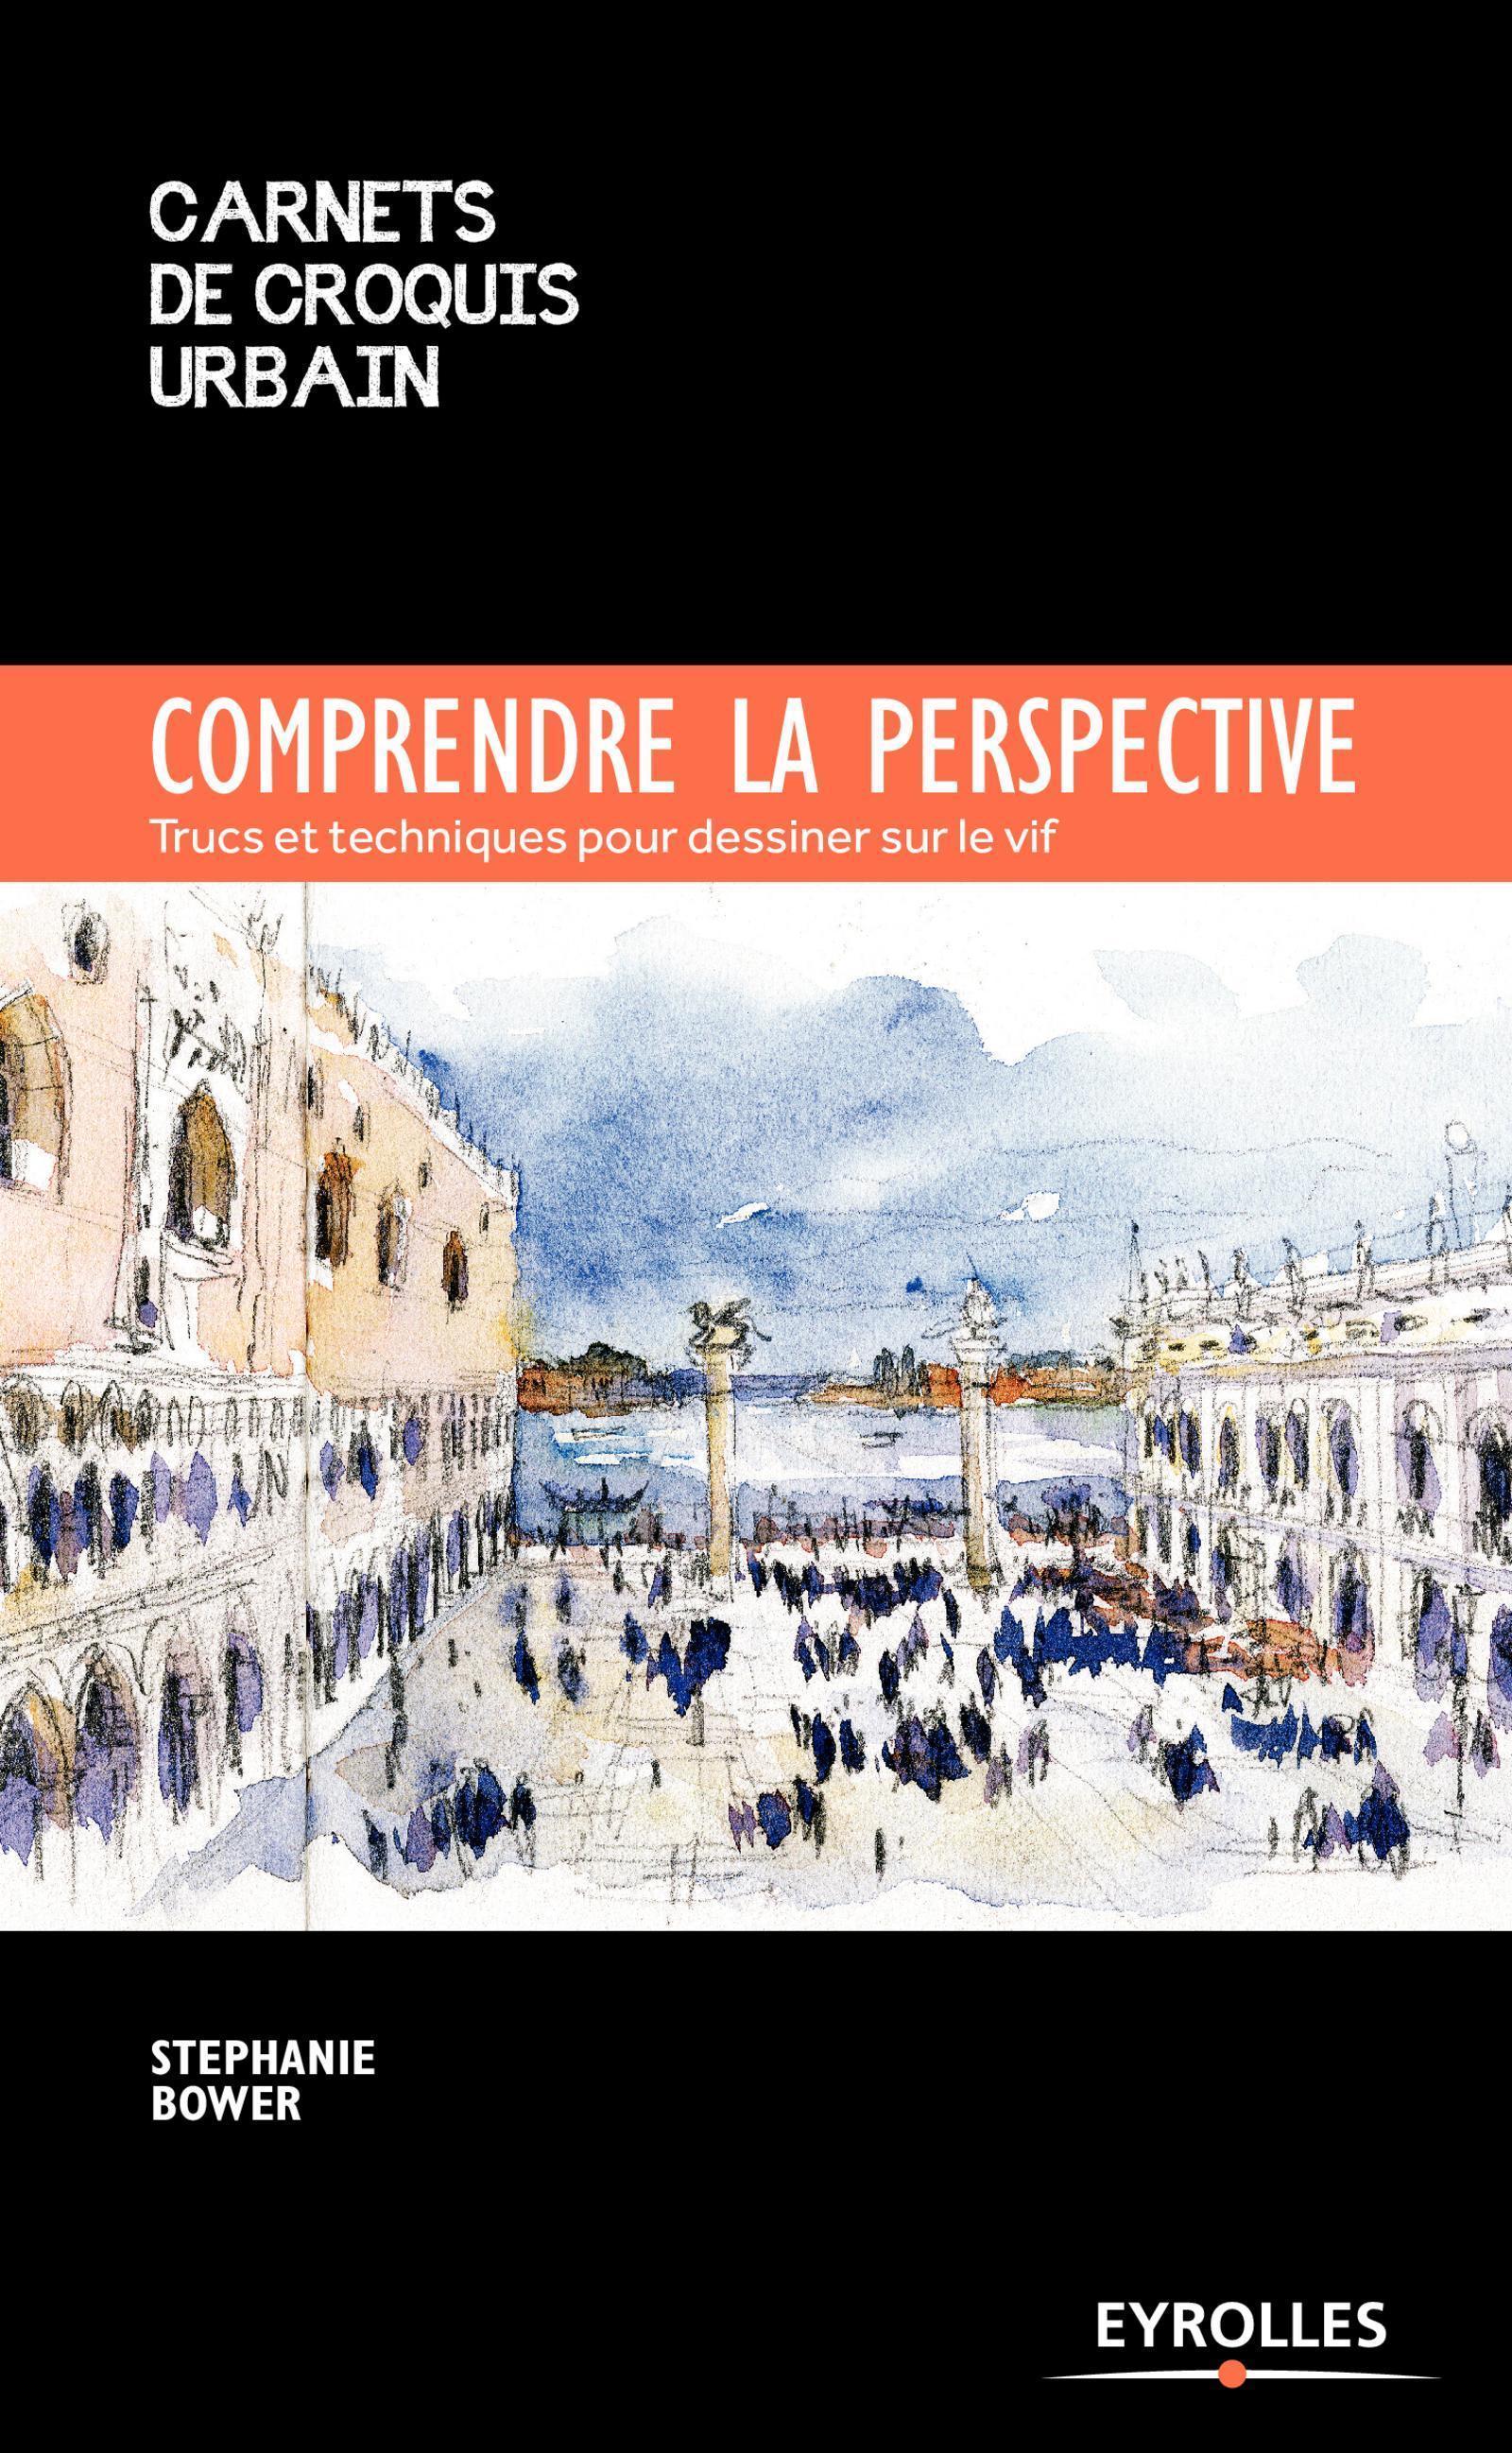 COMPRENDRE LA PERSPECTIVE - TRUCS ET TECHNIQUES POUR DESSINER SUR LE VIF